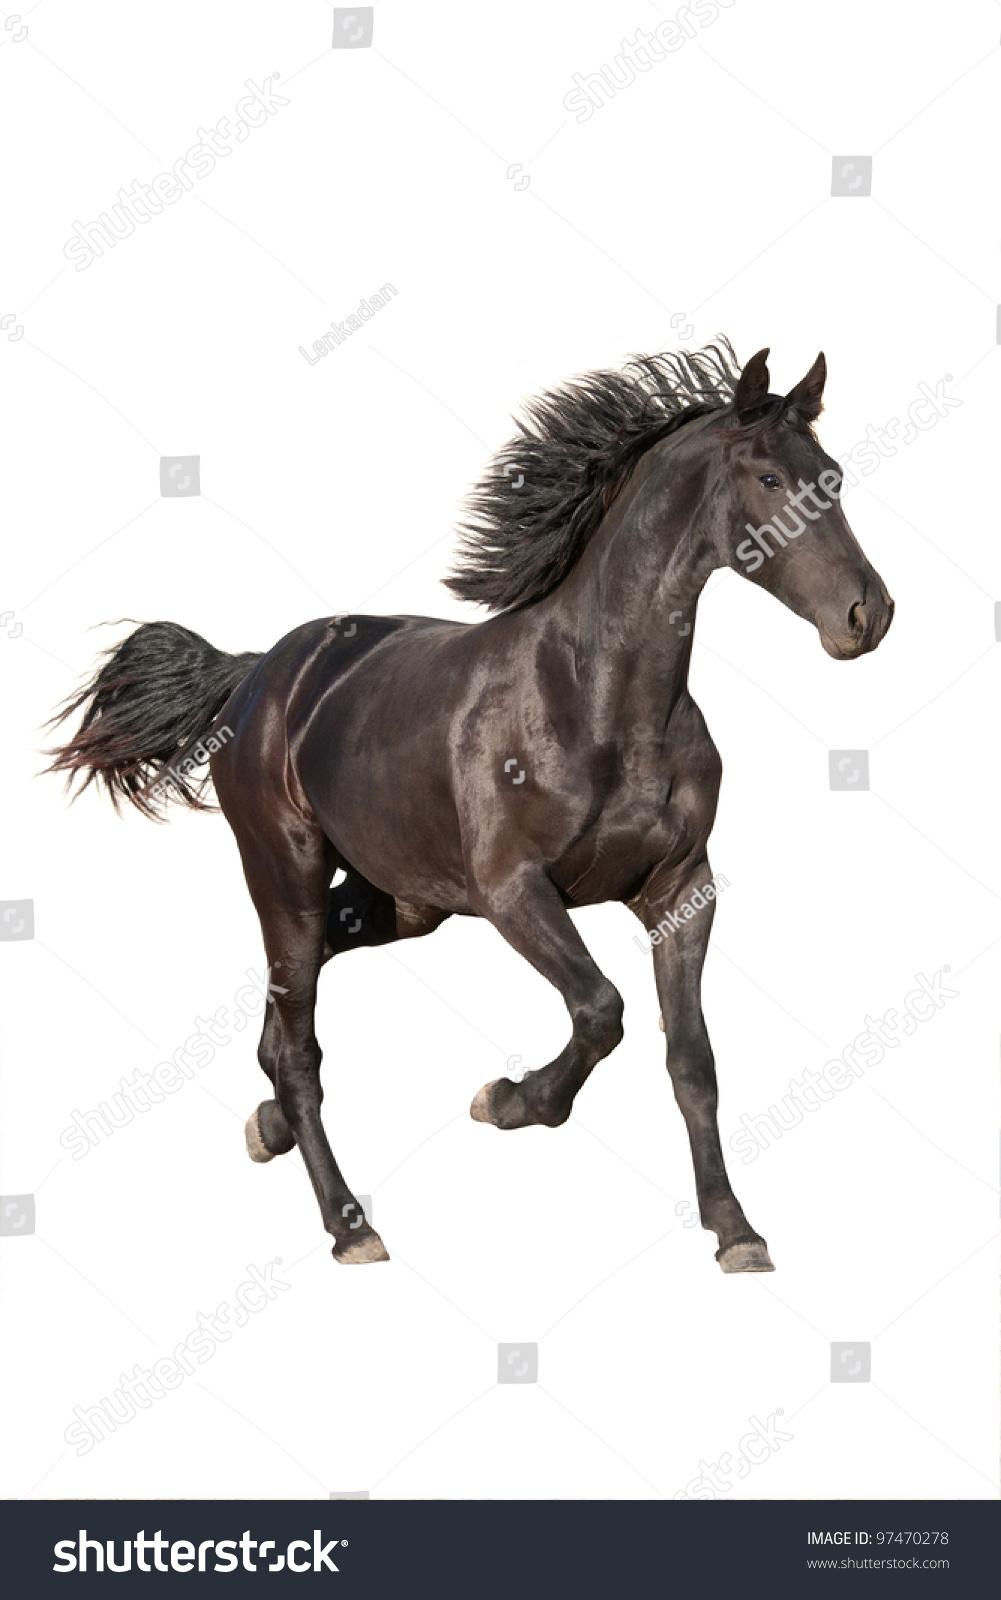 Beautiful Black Horses Running Stock Image - Image: 33770321  |Friesian Horses Running